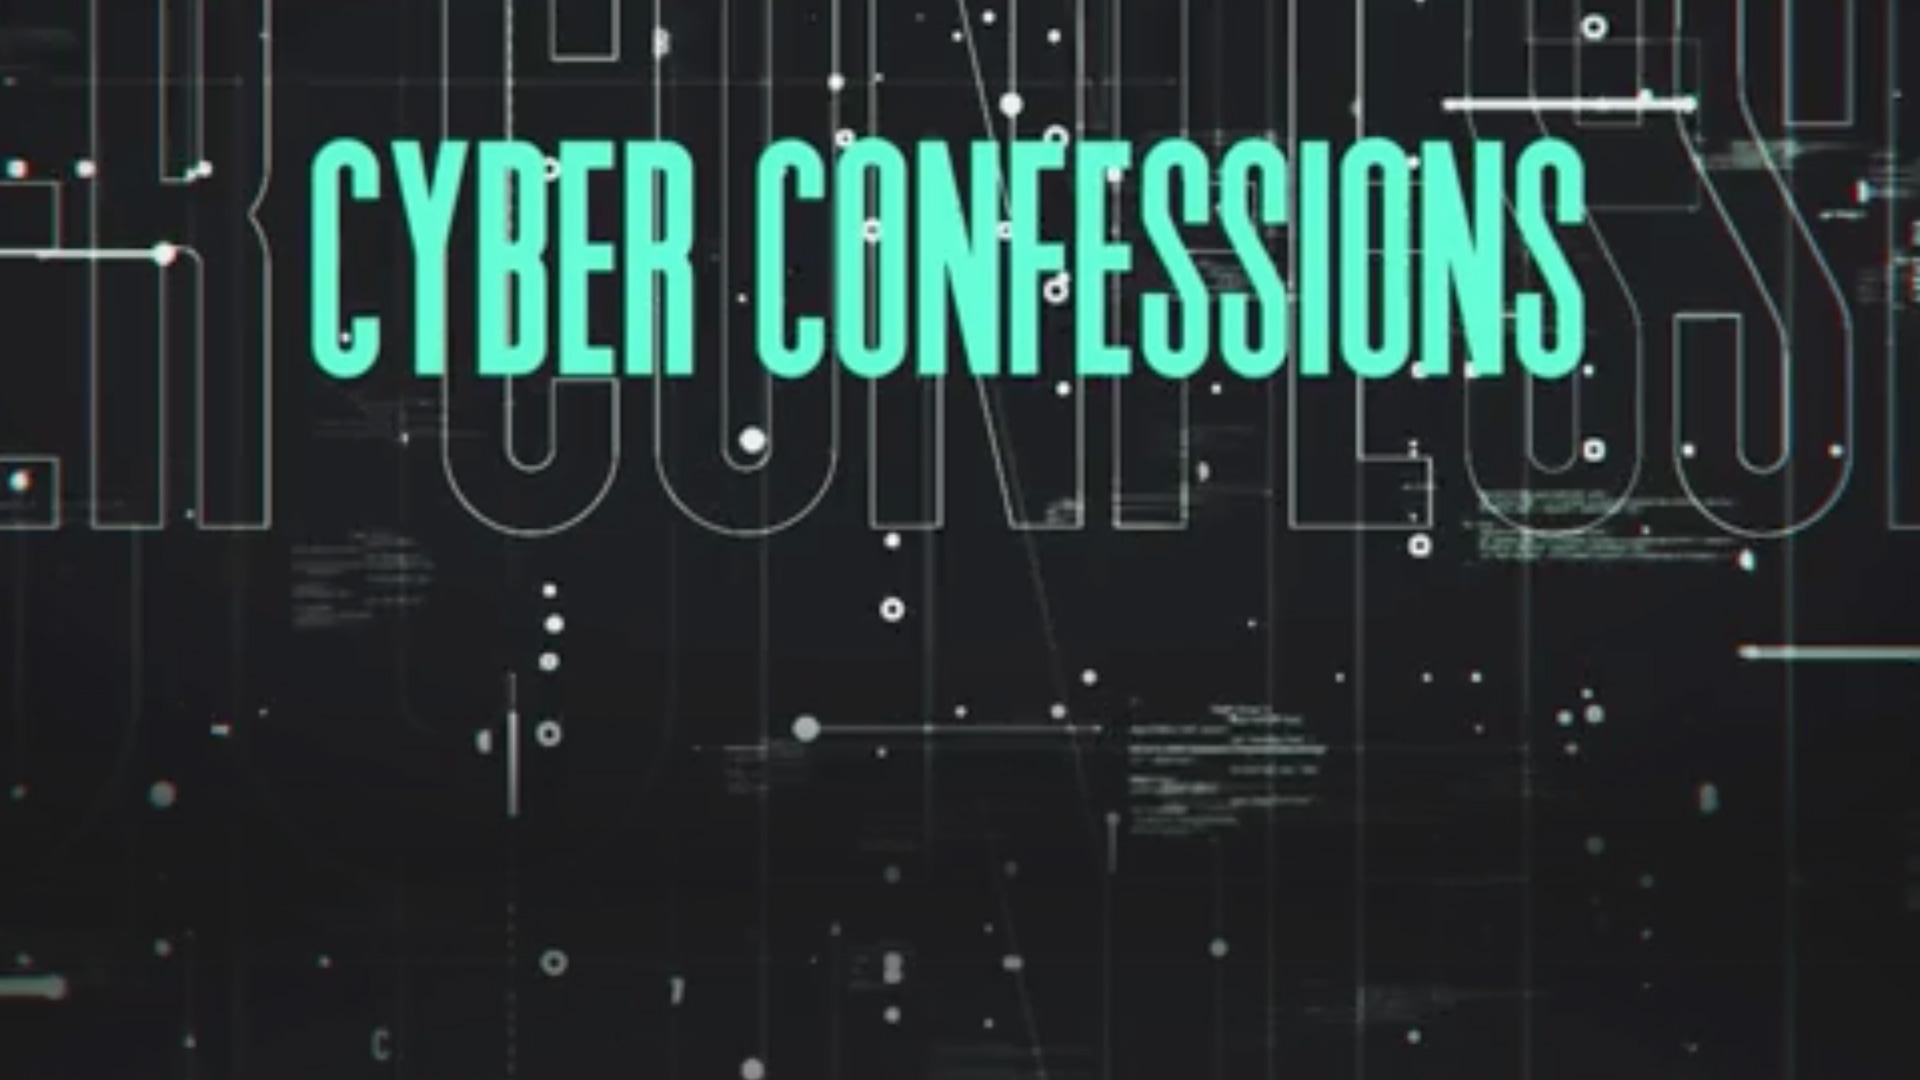 en-us-cyberconfessionstrai-er-360